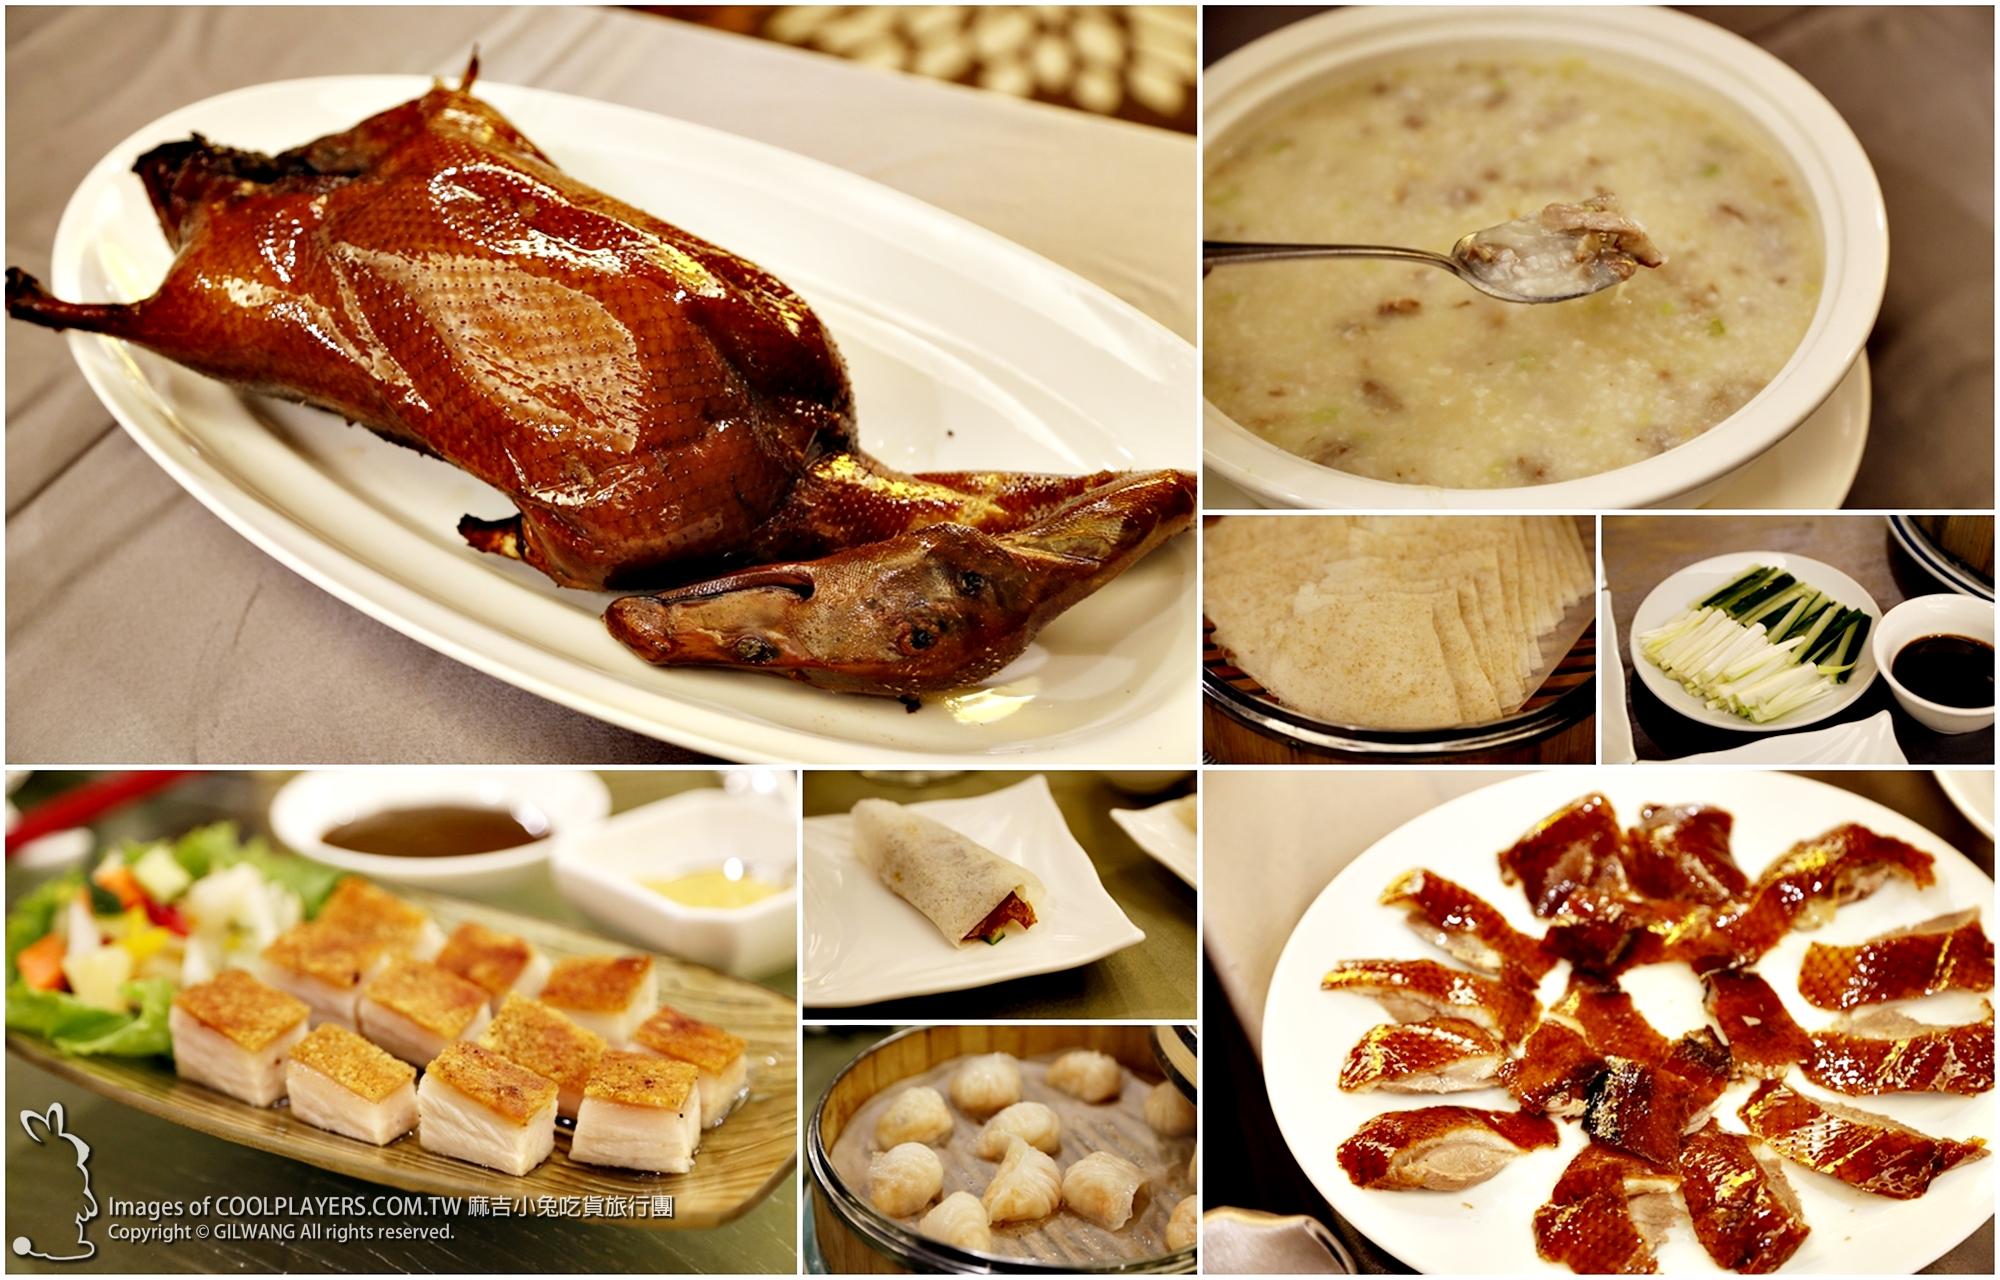 不只解讀,王文華應該更認識王文華 @麻吉小兔吃貨旅行團